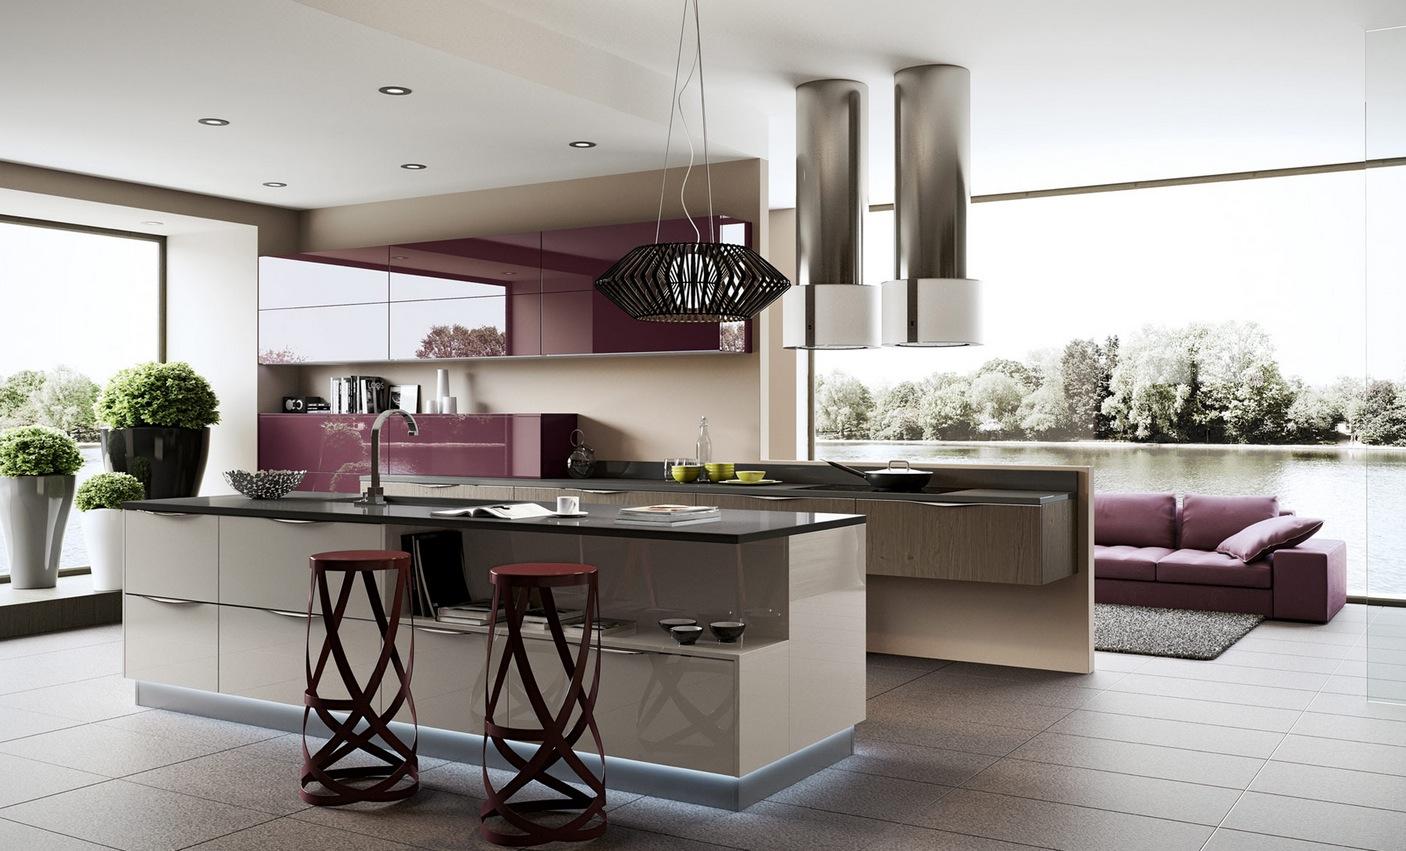 Необычные сиреневые барные стулья в интерьере кухни